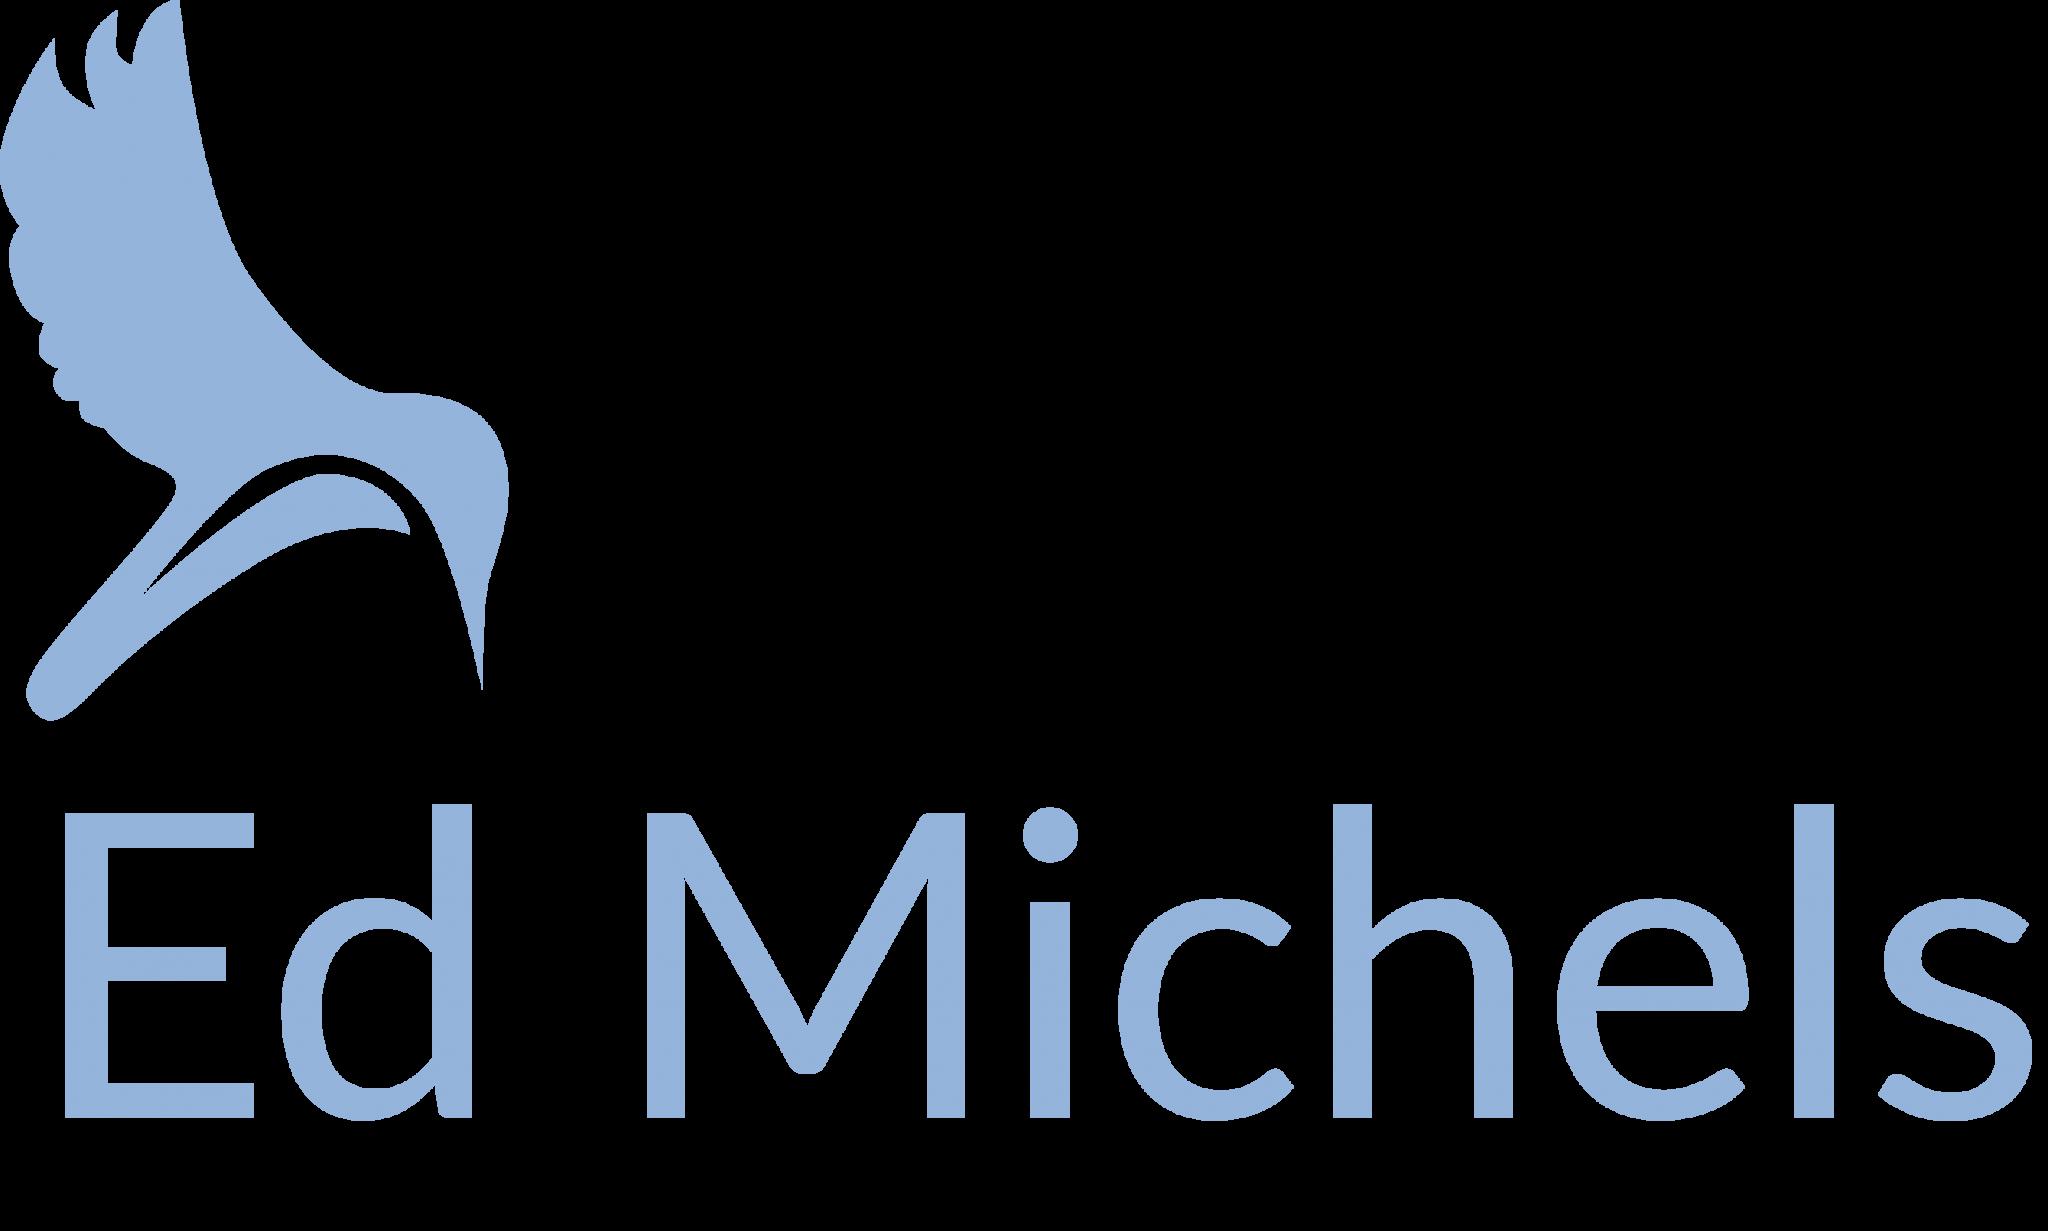 Ed Michels